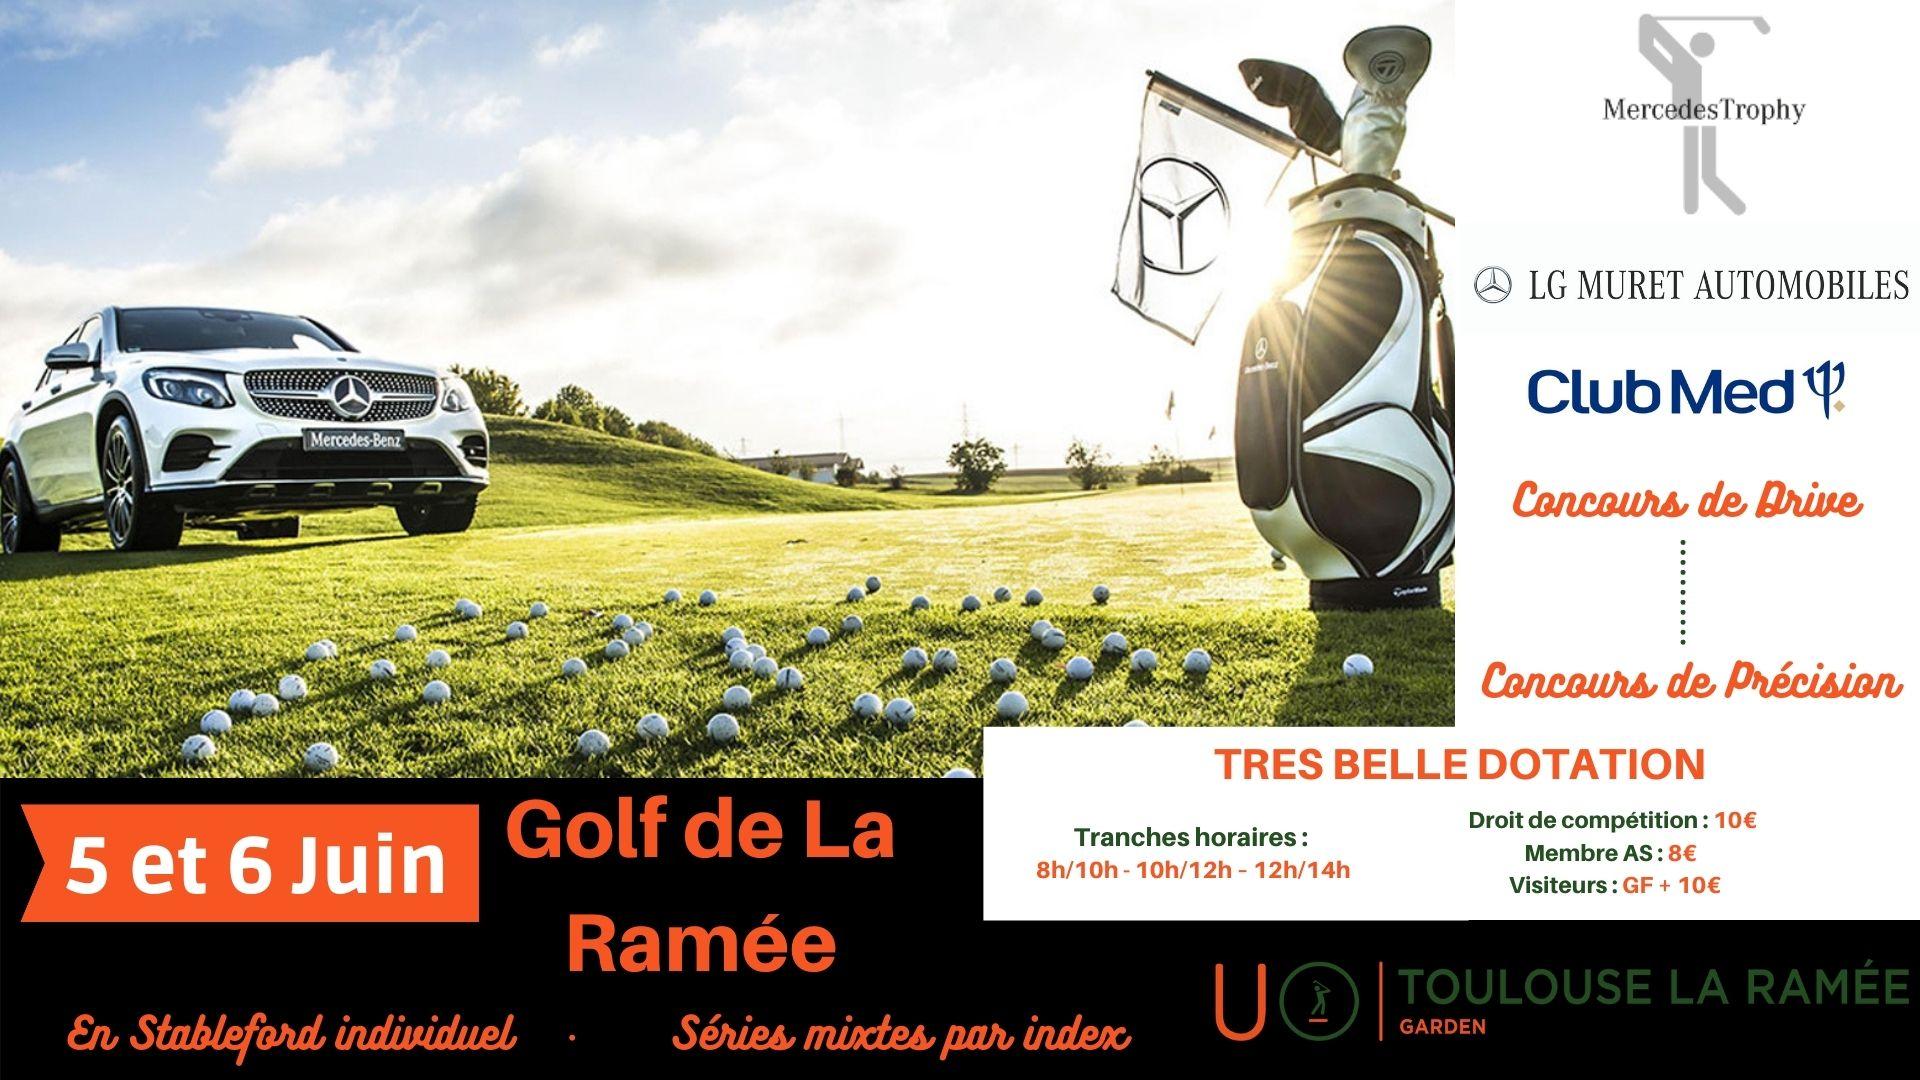 Golf de la Ramée : Mercedes Trophy / Club Med